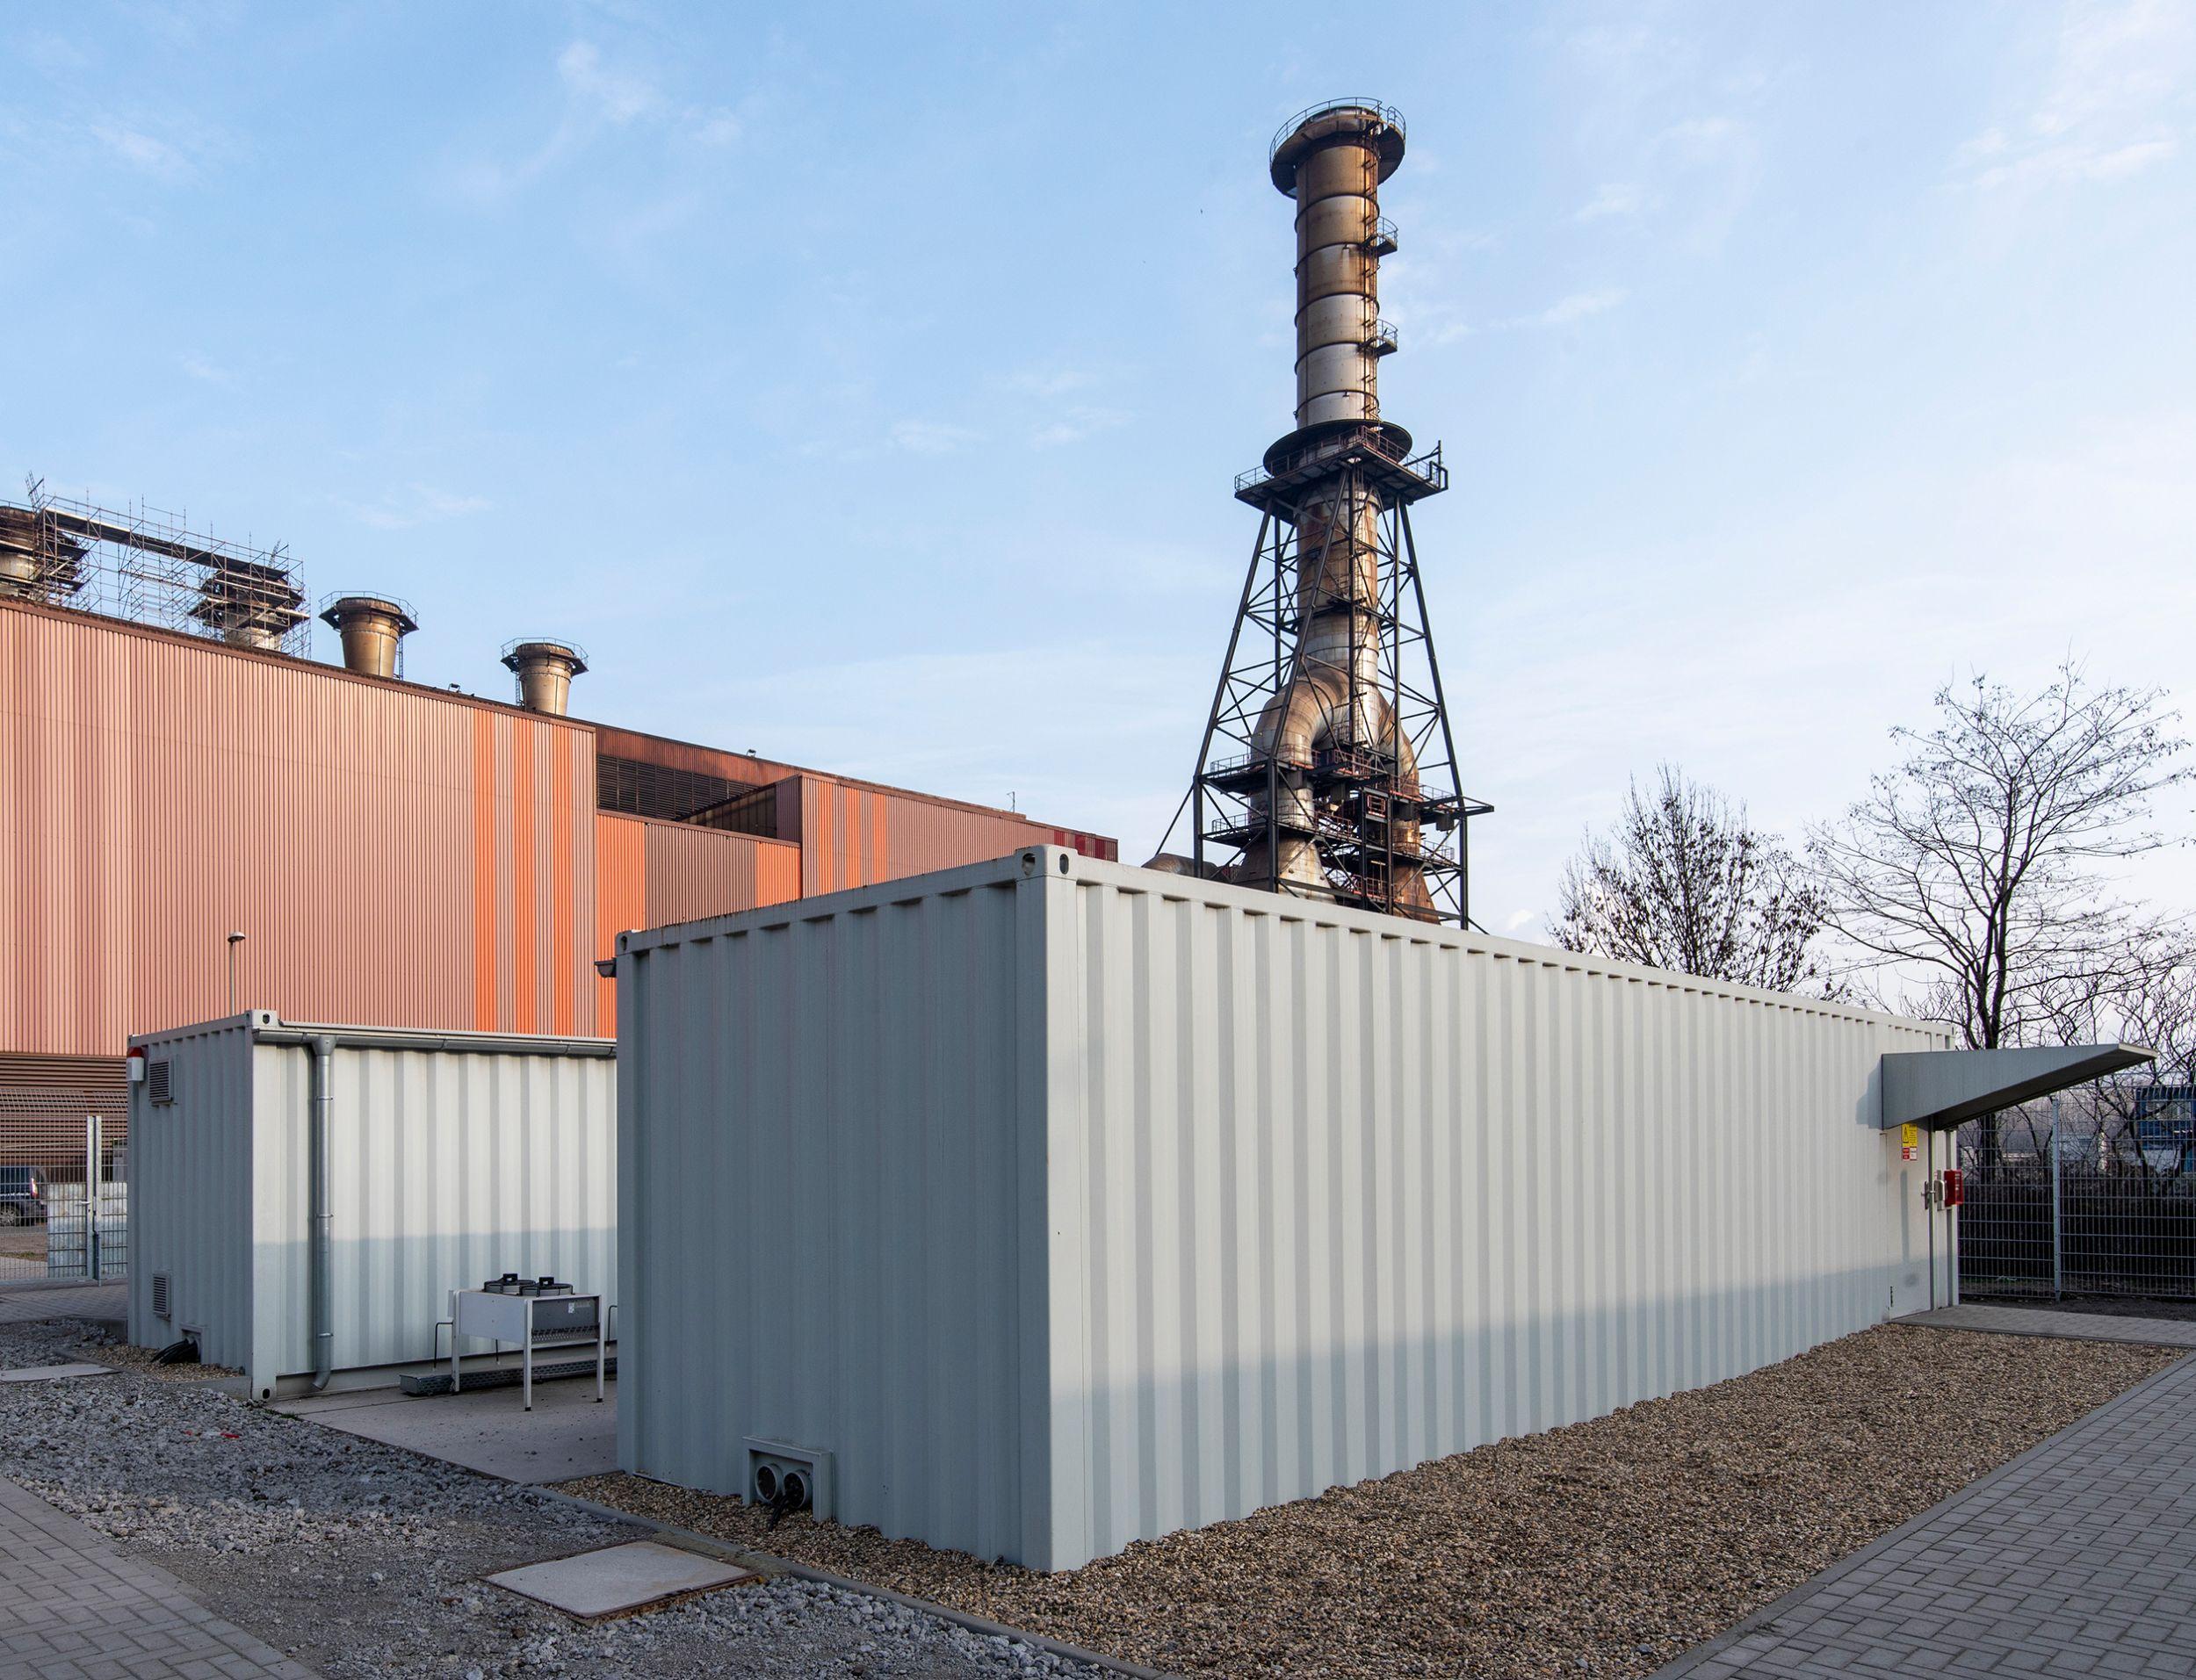 Die standardisierten Data Center Container von Rittal unterstützen Thyssenkrupp Steel bei der Digitalisierung produktionsnaher Prozesse. (Bild: Rittal GmbH & Co. KG)